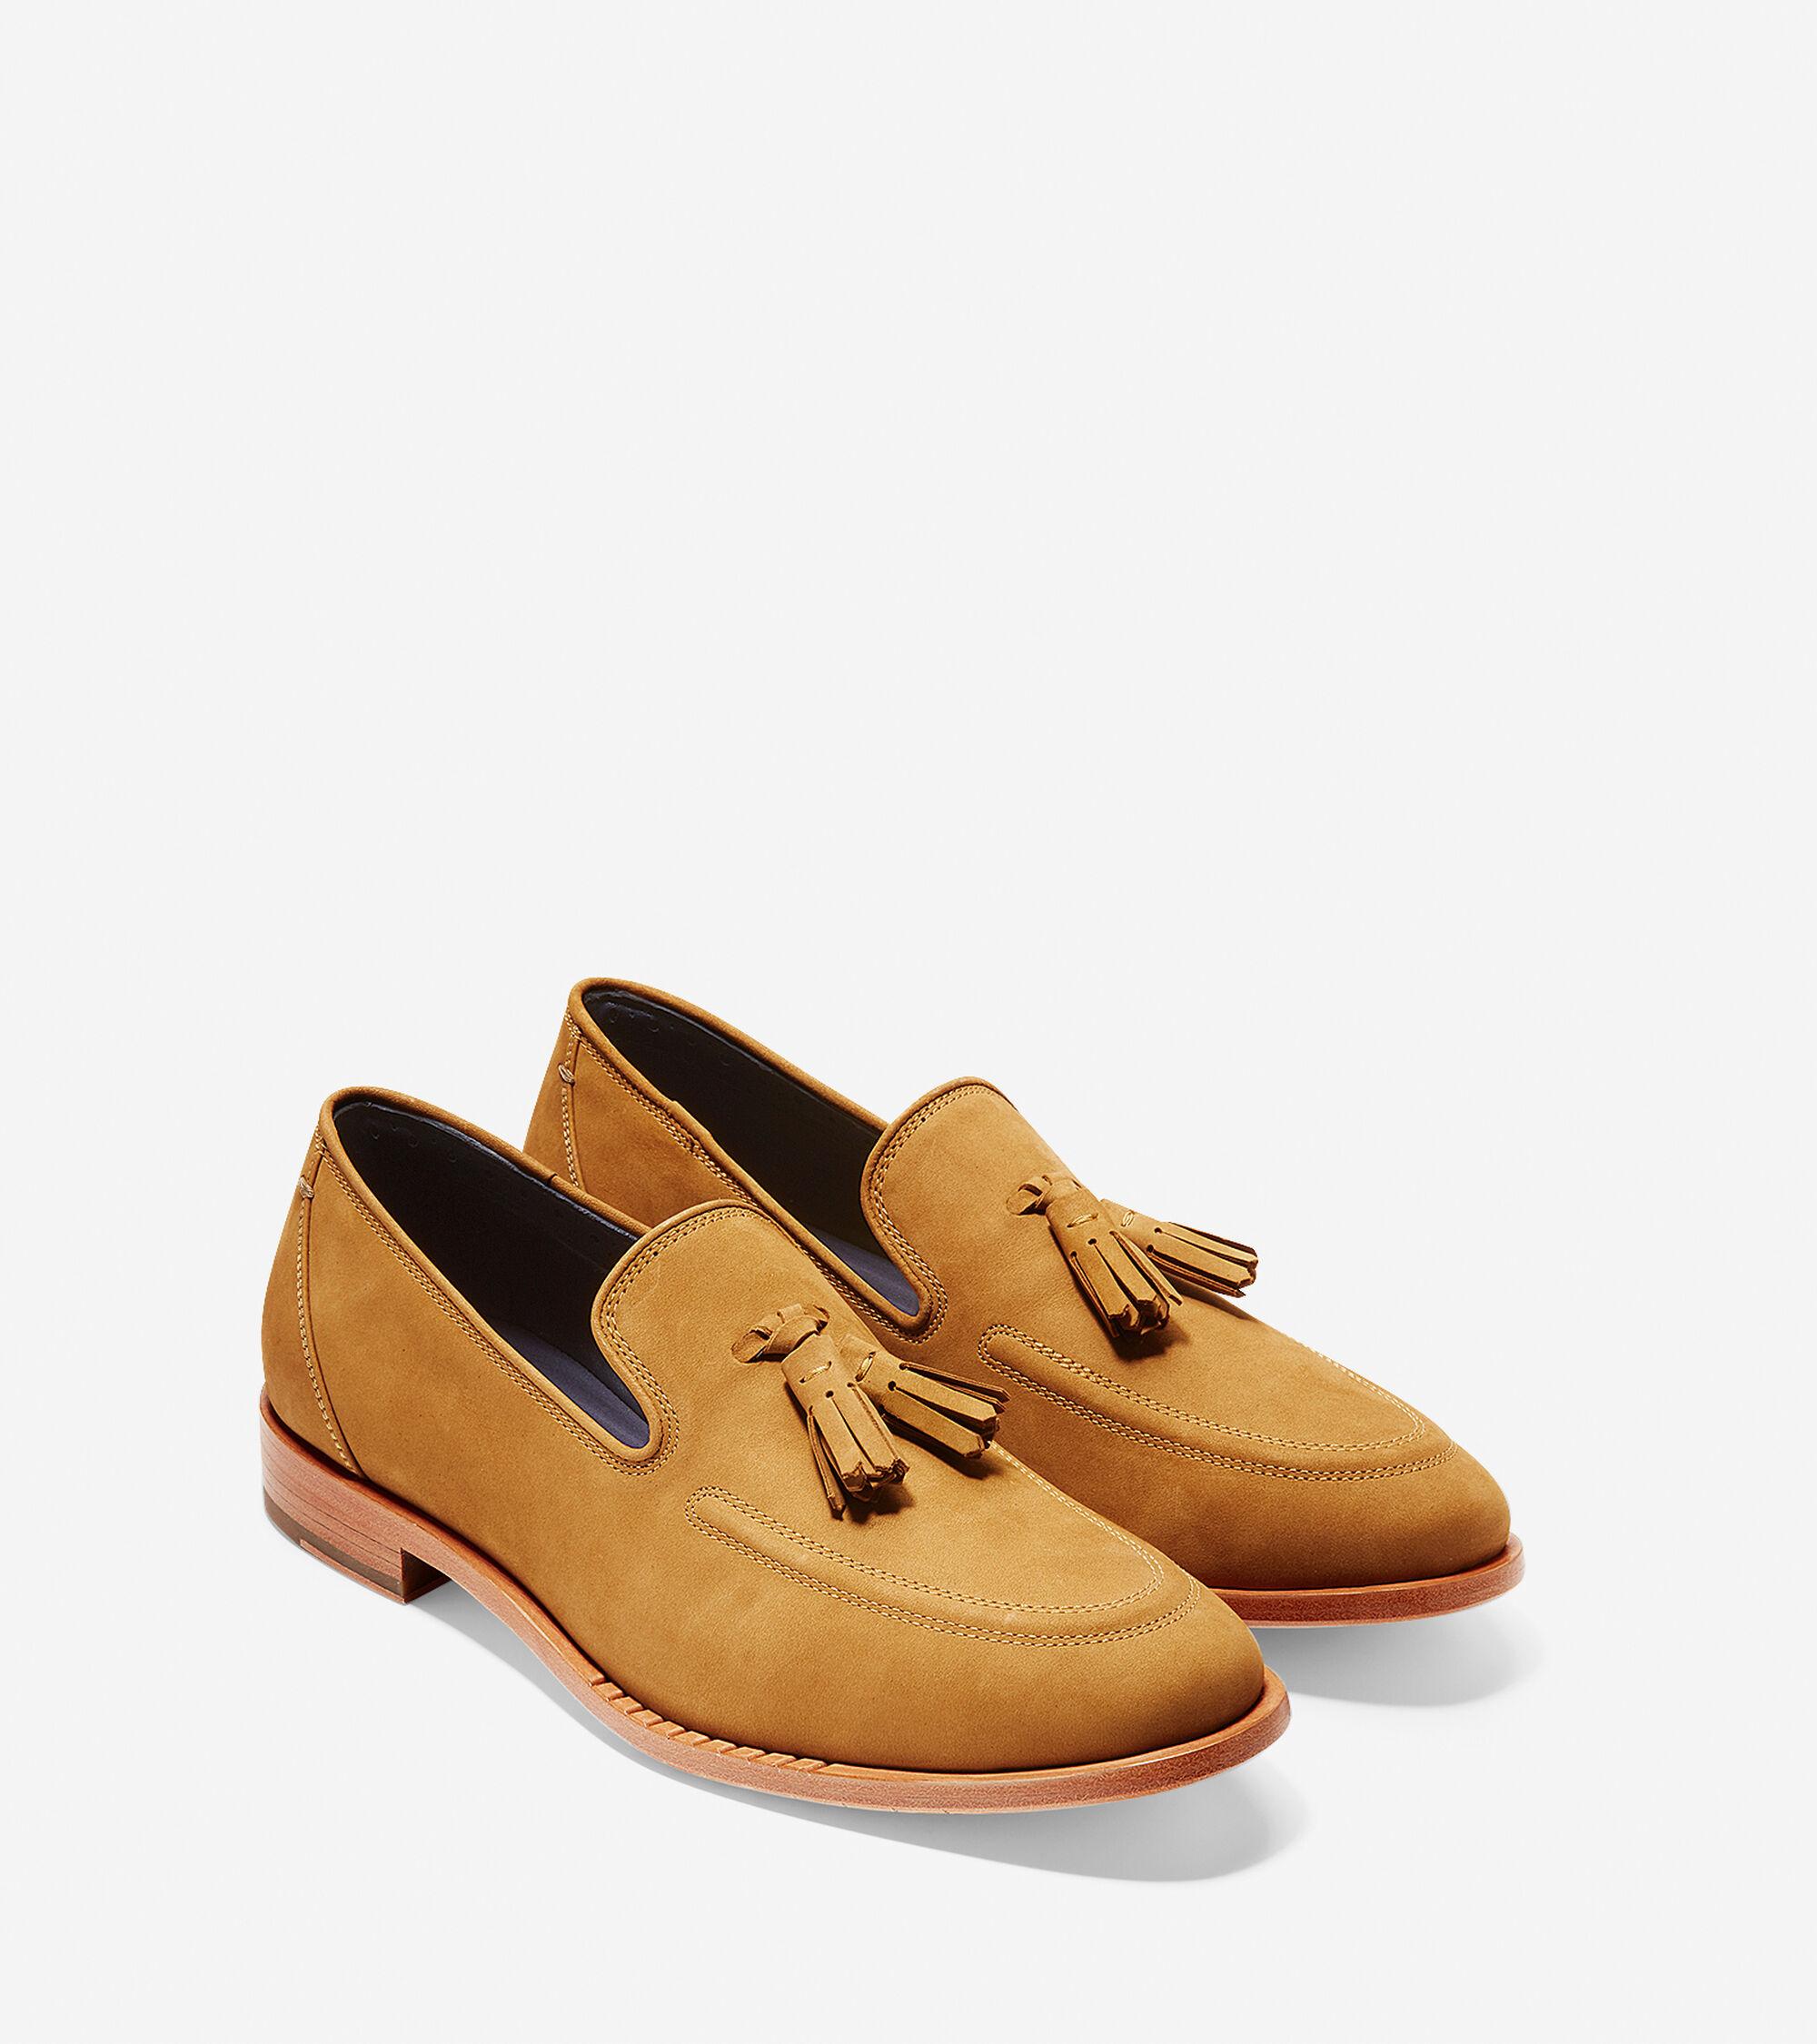 2d6840601da ... Washington Grand Tassel Loafer  Washington Grand Tassel Loafer.   COLEHAAN